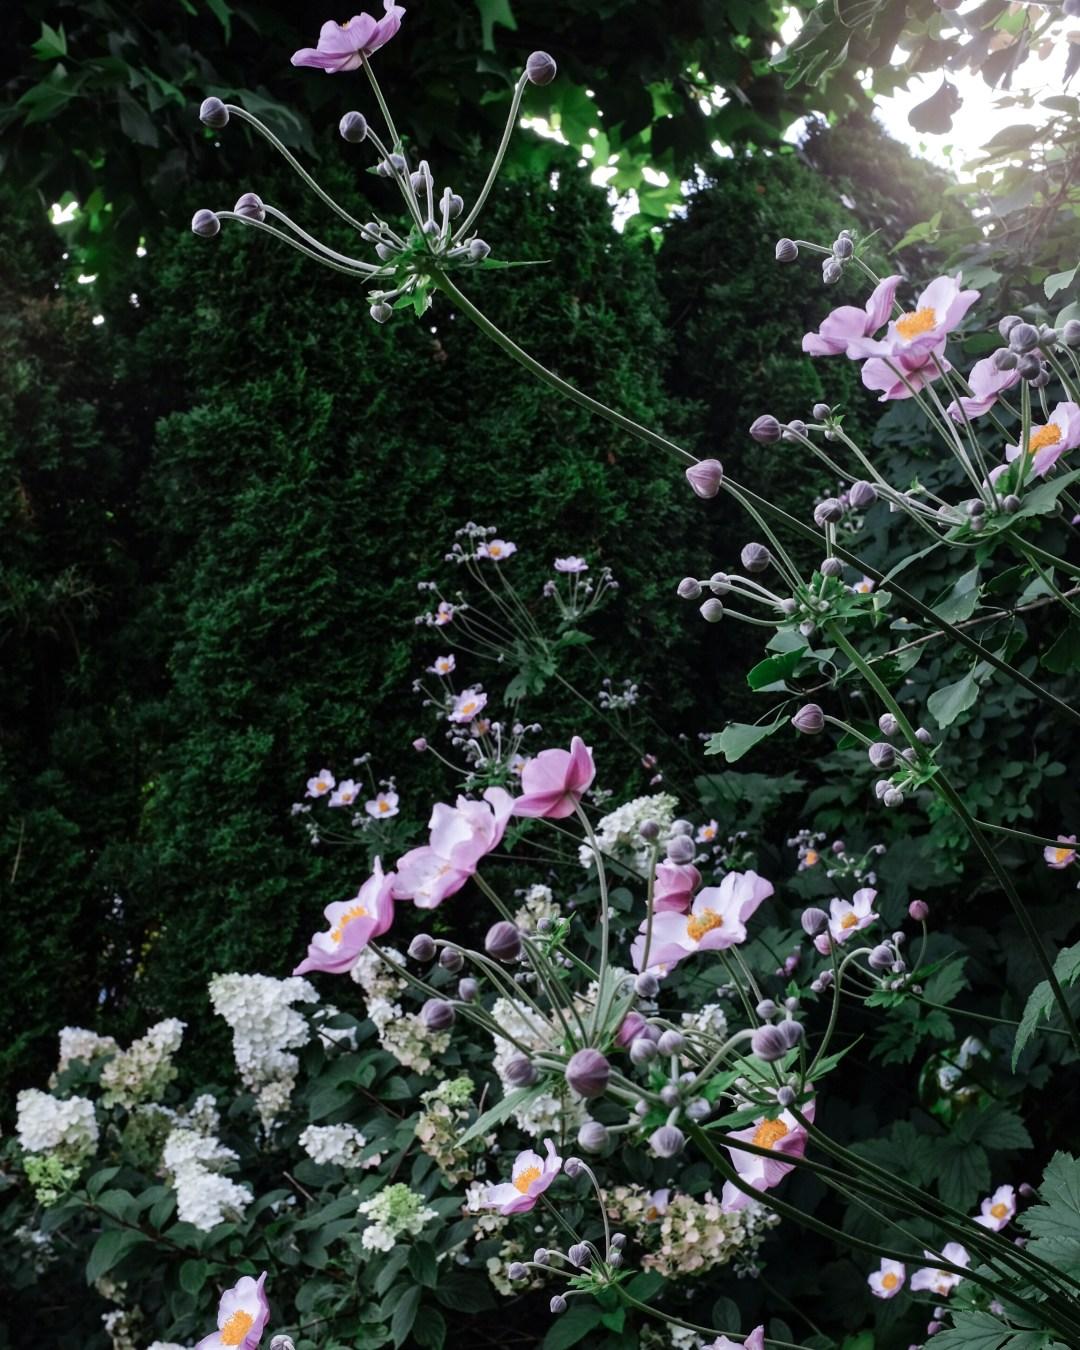 inastil, tomaten, feigen, mein Garten, erste Ernte, Gartenfrüchte, Sommerabend, Nektarinenkuchn, Sommerzeit, Ü50Blogger, Rezept-5